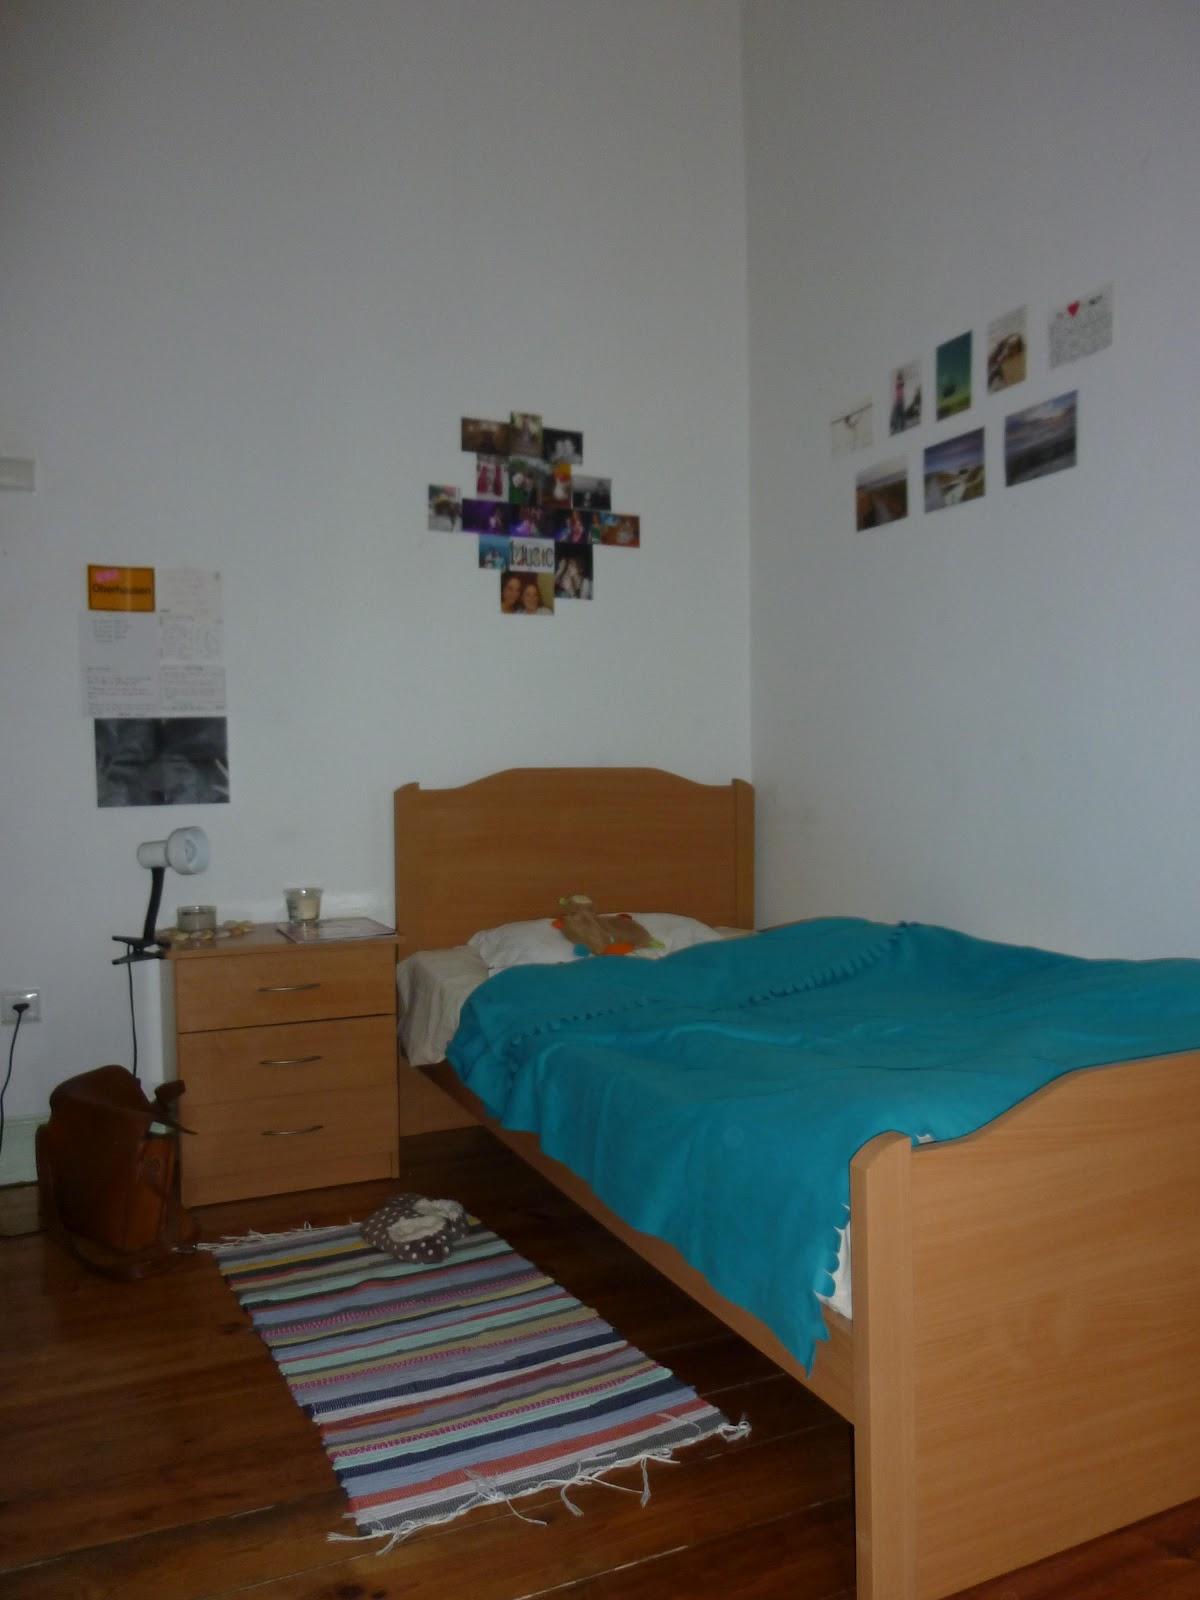 laura in portugal mein zimmer reloaded. Black Bedroom Furniture Sets. Home Design Ideas